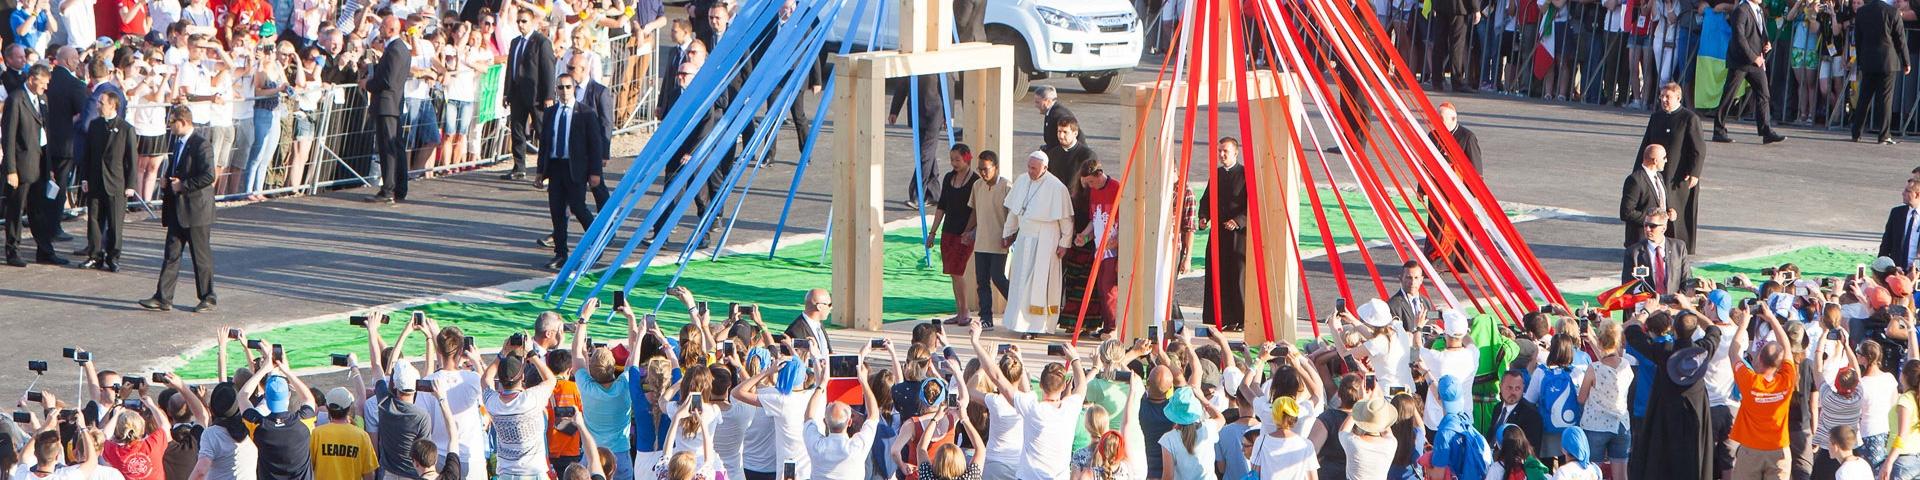 Już za miesiąc IV Kongres Nowej Ewangelizacji. Zapisz się!